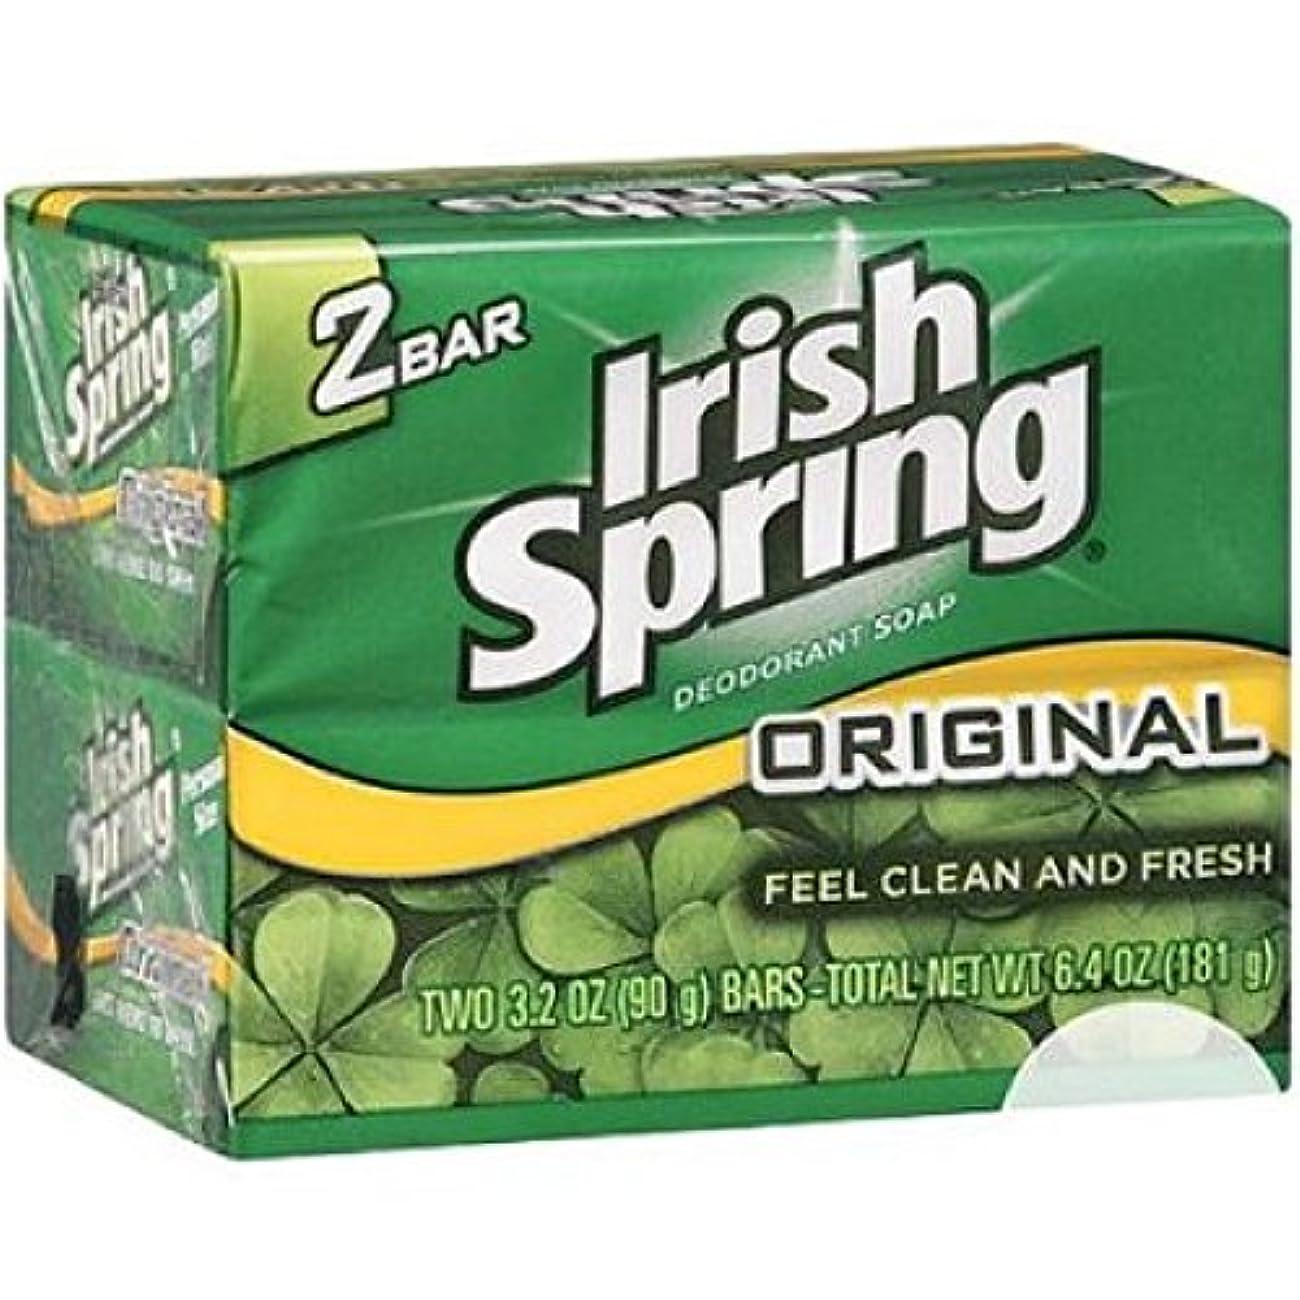 値する小川堀Irish Spring オリジナルデオドラント石鹸、3.20オズバー、2 Eaは 8パック